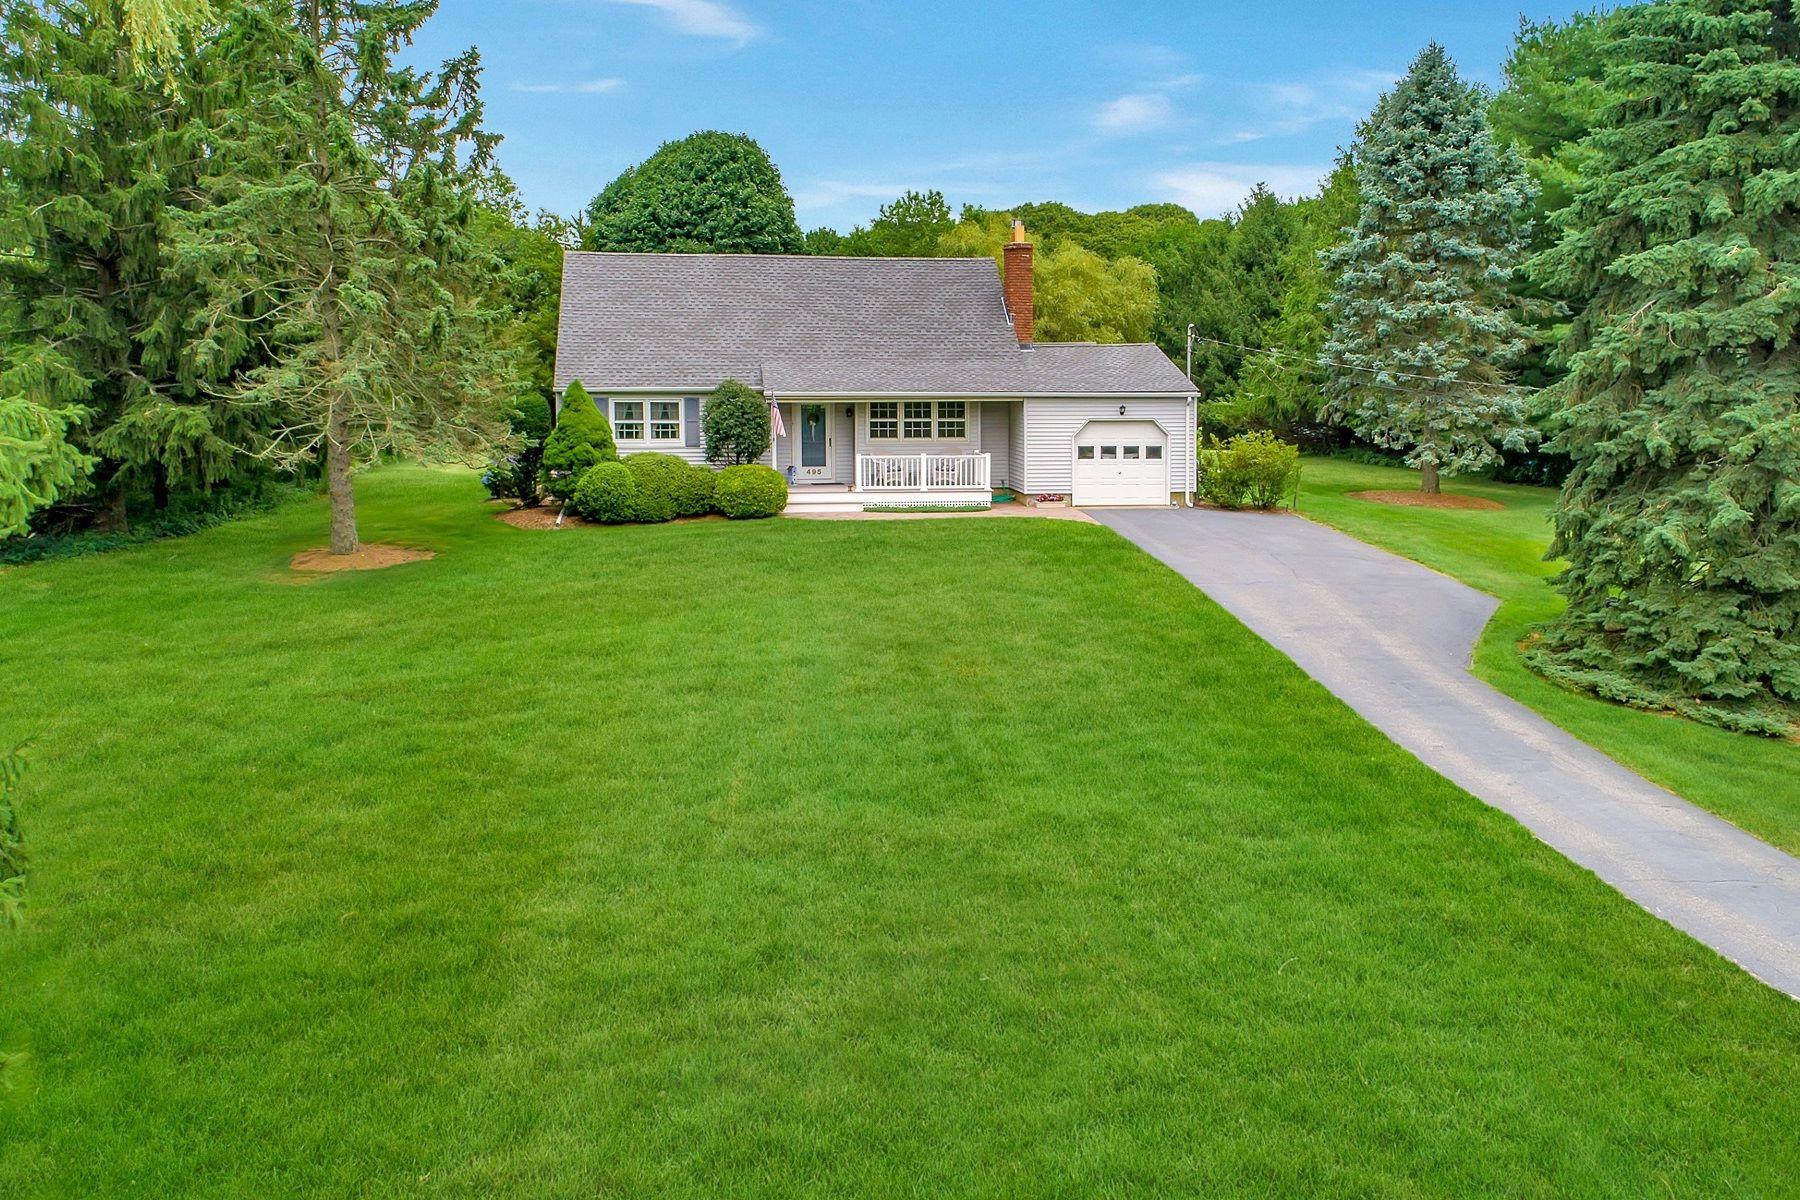 Single Family Homes für Verkauf beim Cutchogue 495 Eugenes Rd, Cutchogue, New York 11935 Vereinigte Staaten